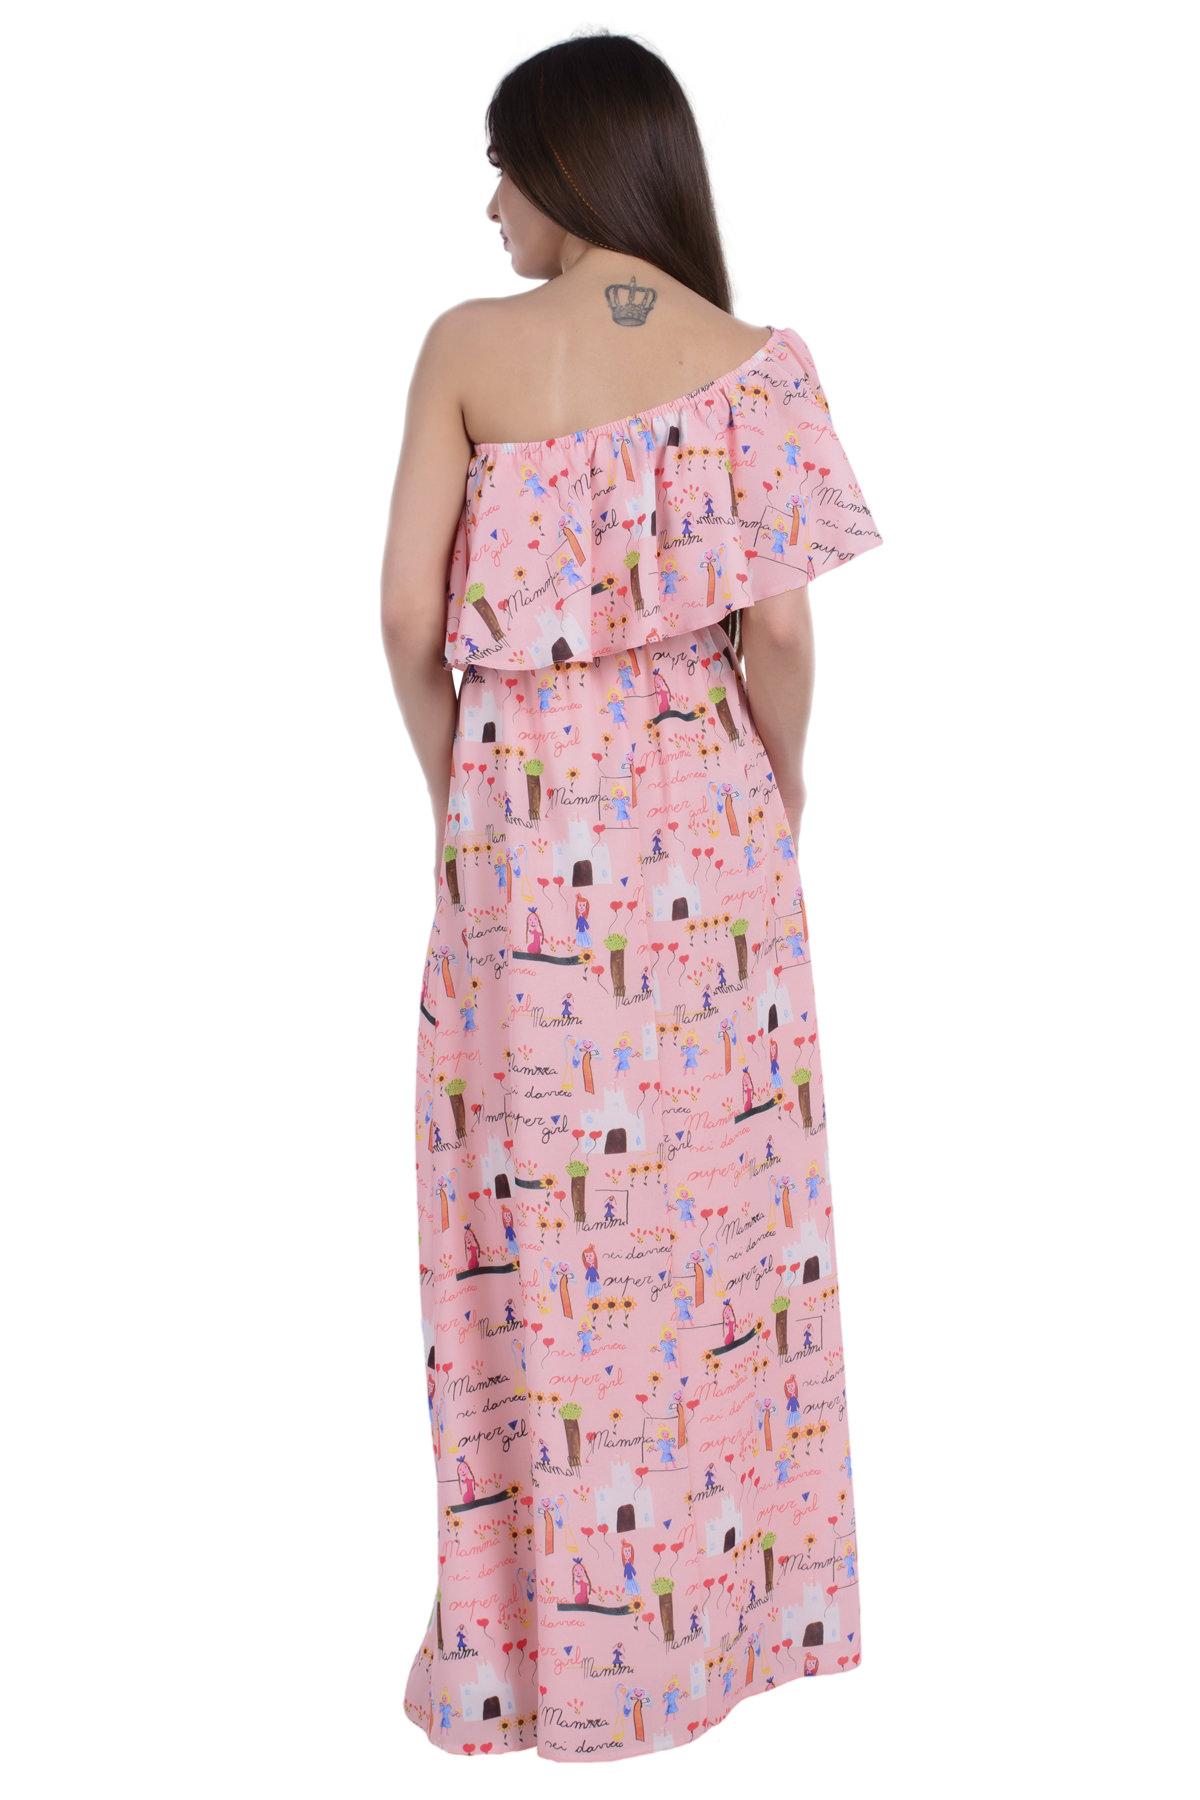 65681ed5fcd Платье Крис креп шифон принт стрейч АРТ. 6421 Цвет  Персик детские рисунки  16